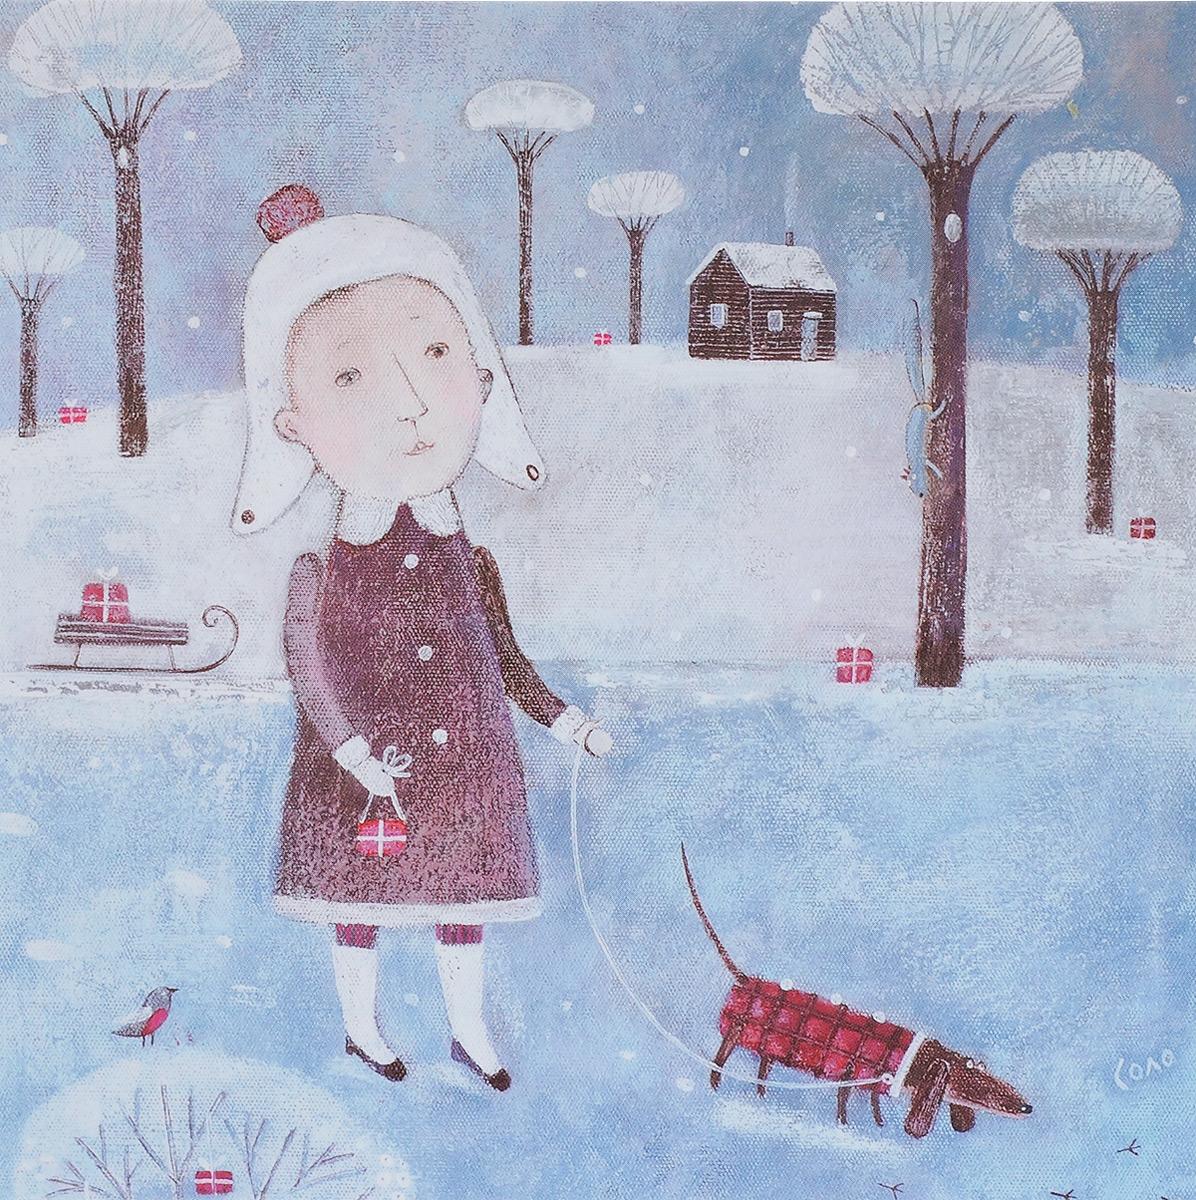 Открытка Рождественские каникулы. Автор Соловьева Светлана открытка кофе в постель автор светлана соловьева